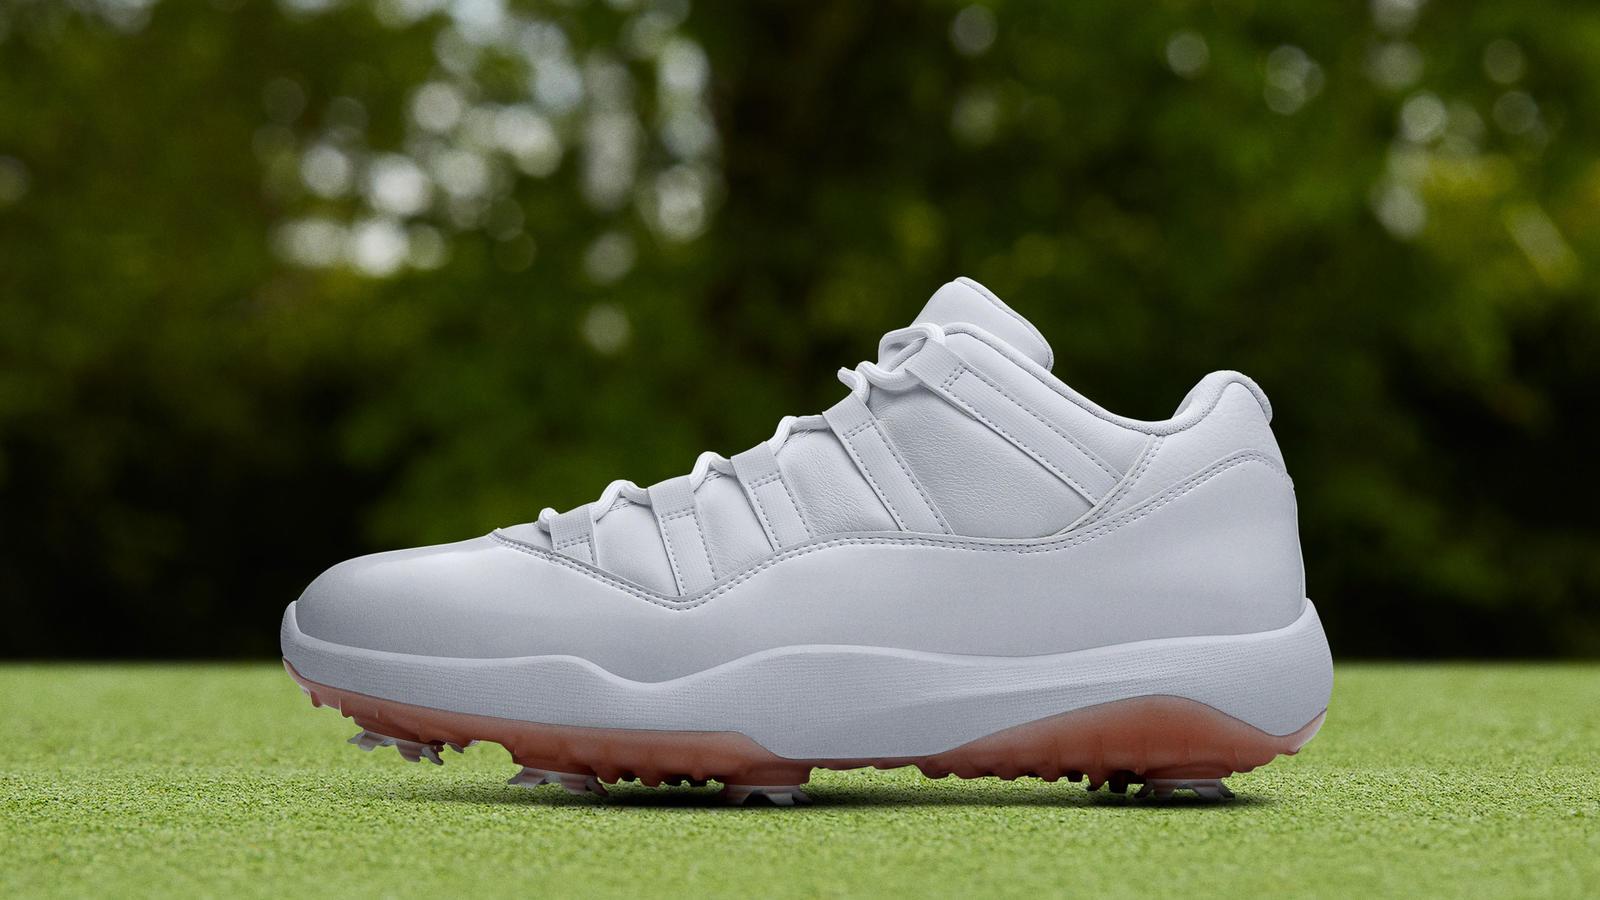 Air Jordan 11 Low Golf Official Image